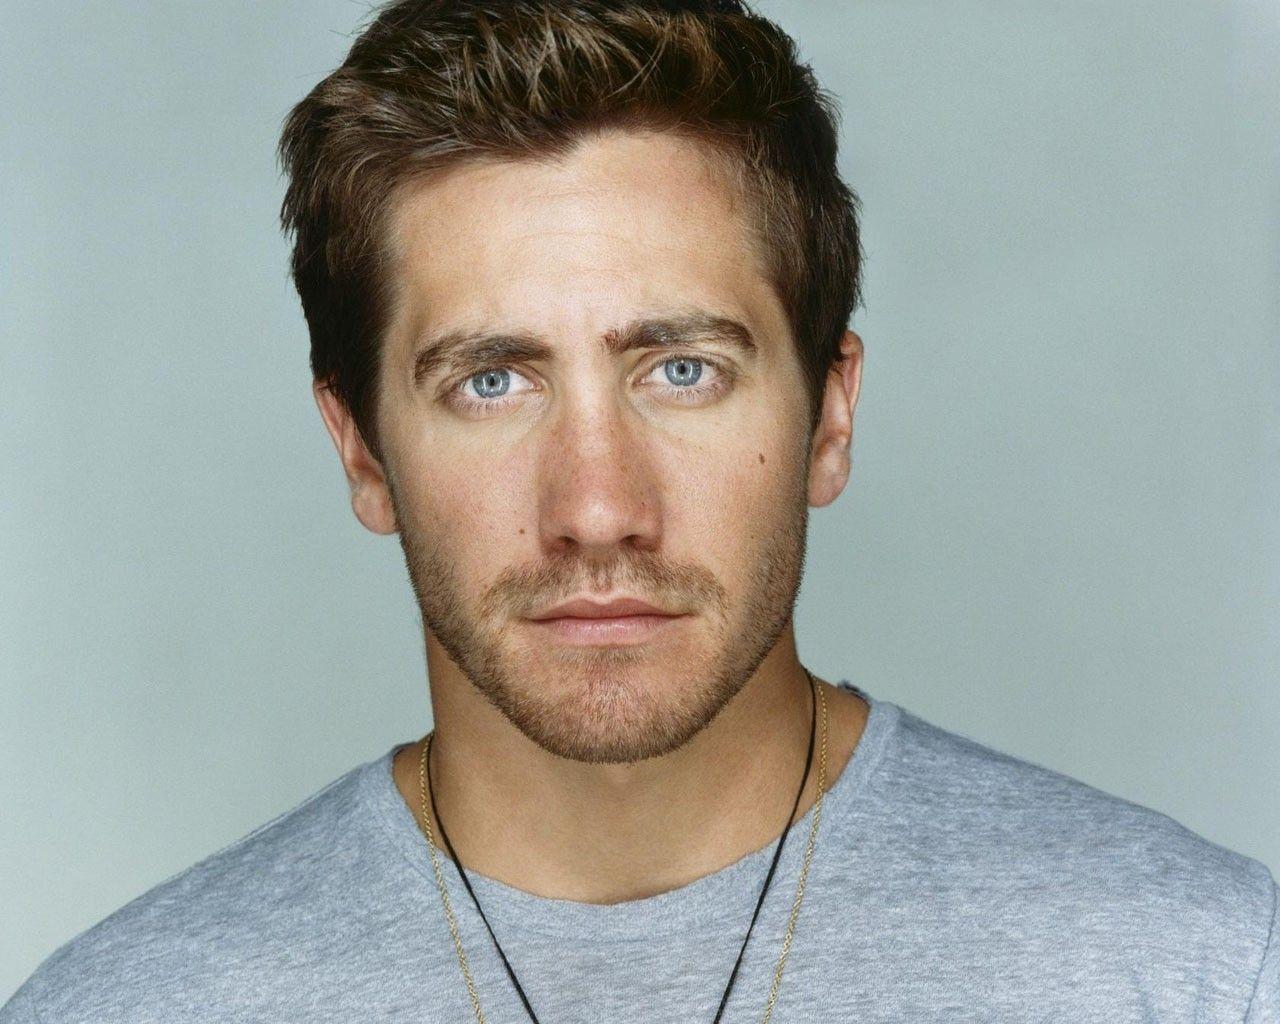 Jake gyllenhaal Nów i Lekcje życiowe